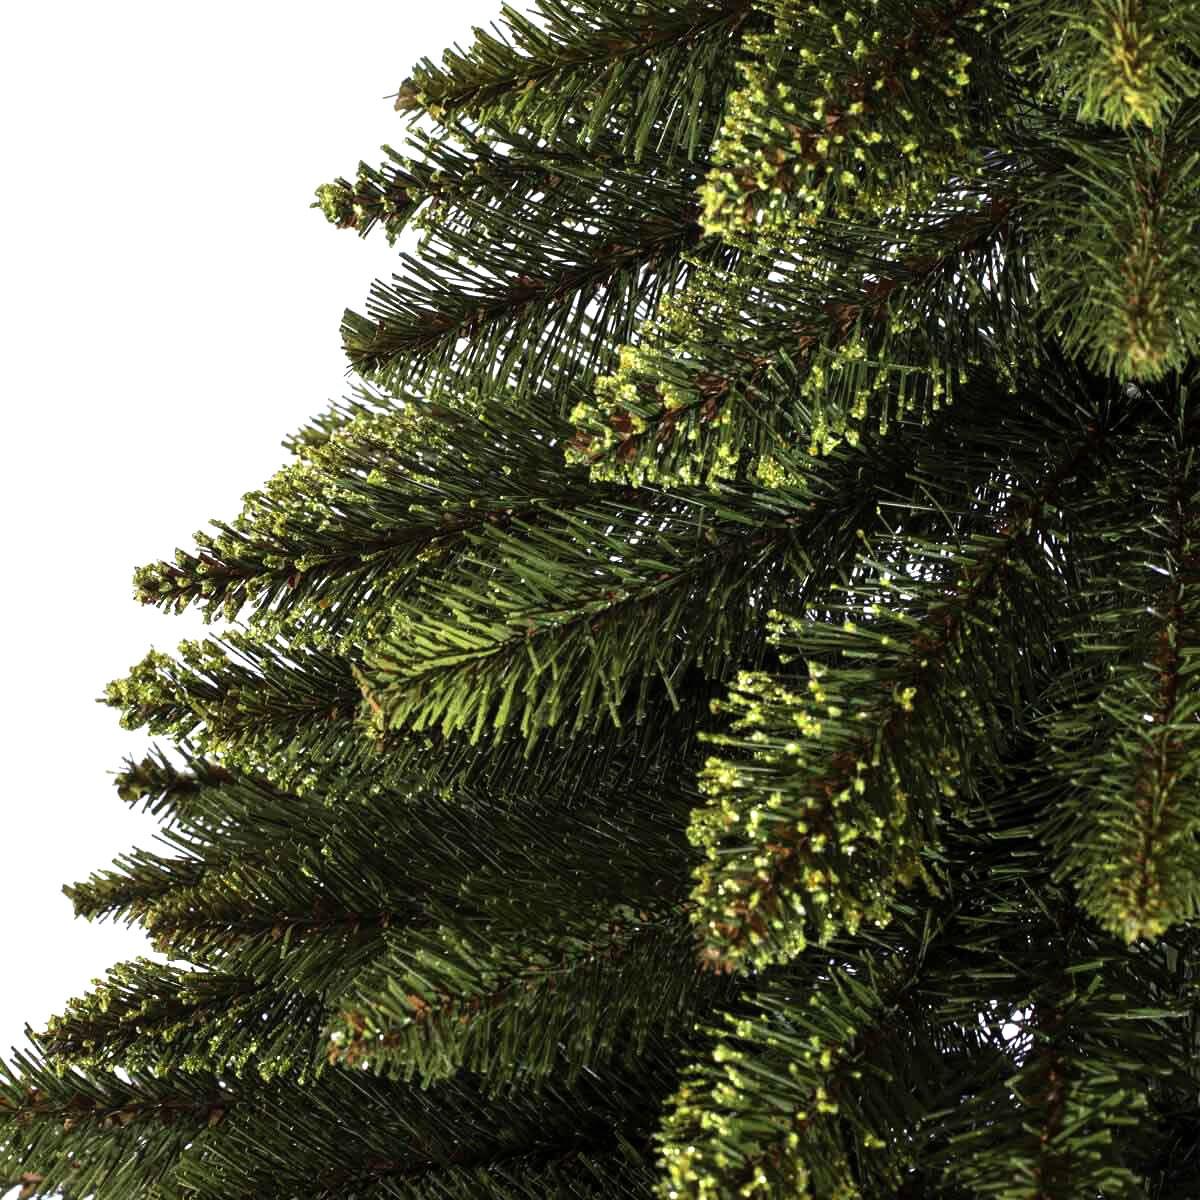 150cm k nstlicher weihnachtsbaum fichte naturstamm natur gr n tannenbaum k nstlich - Weihnachtsbaum baumarkt ...